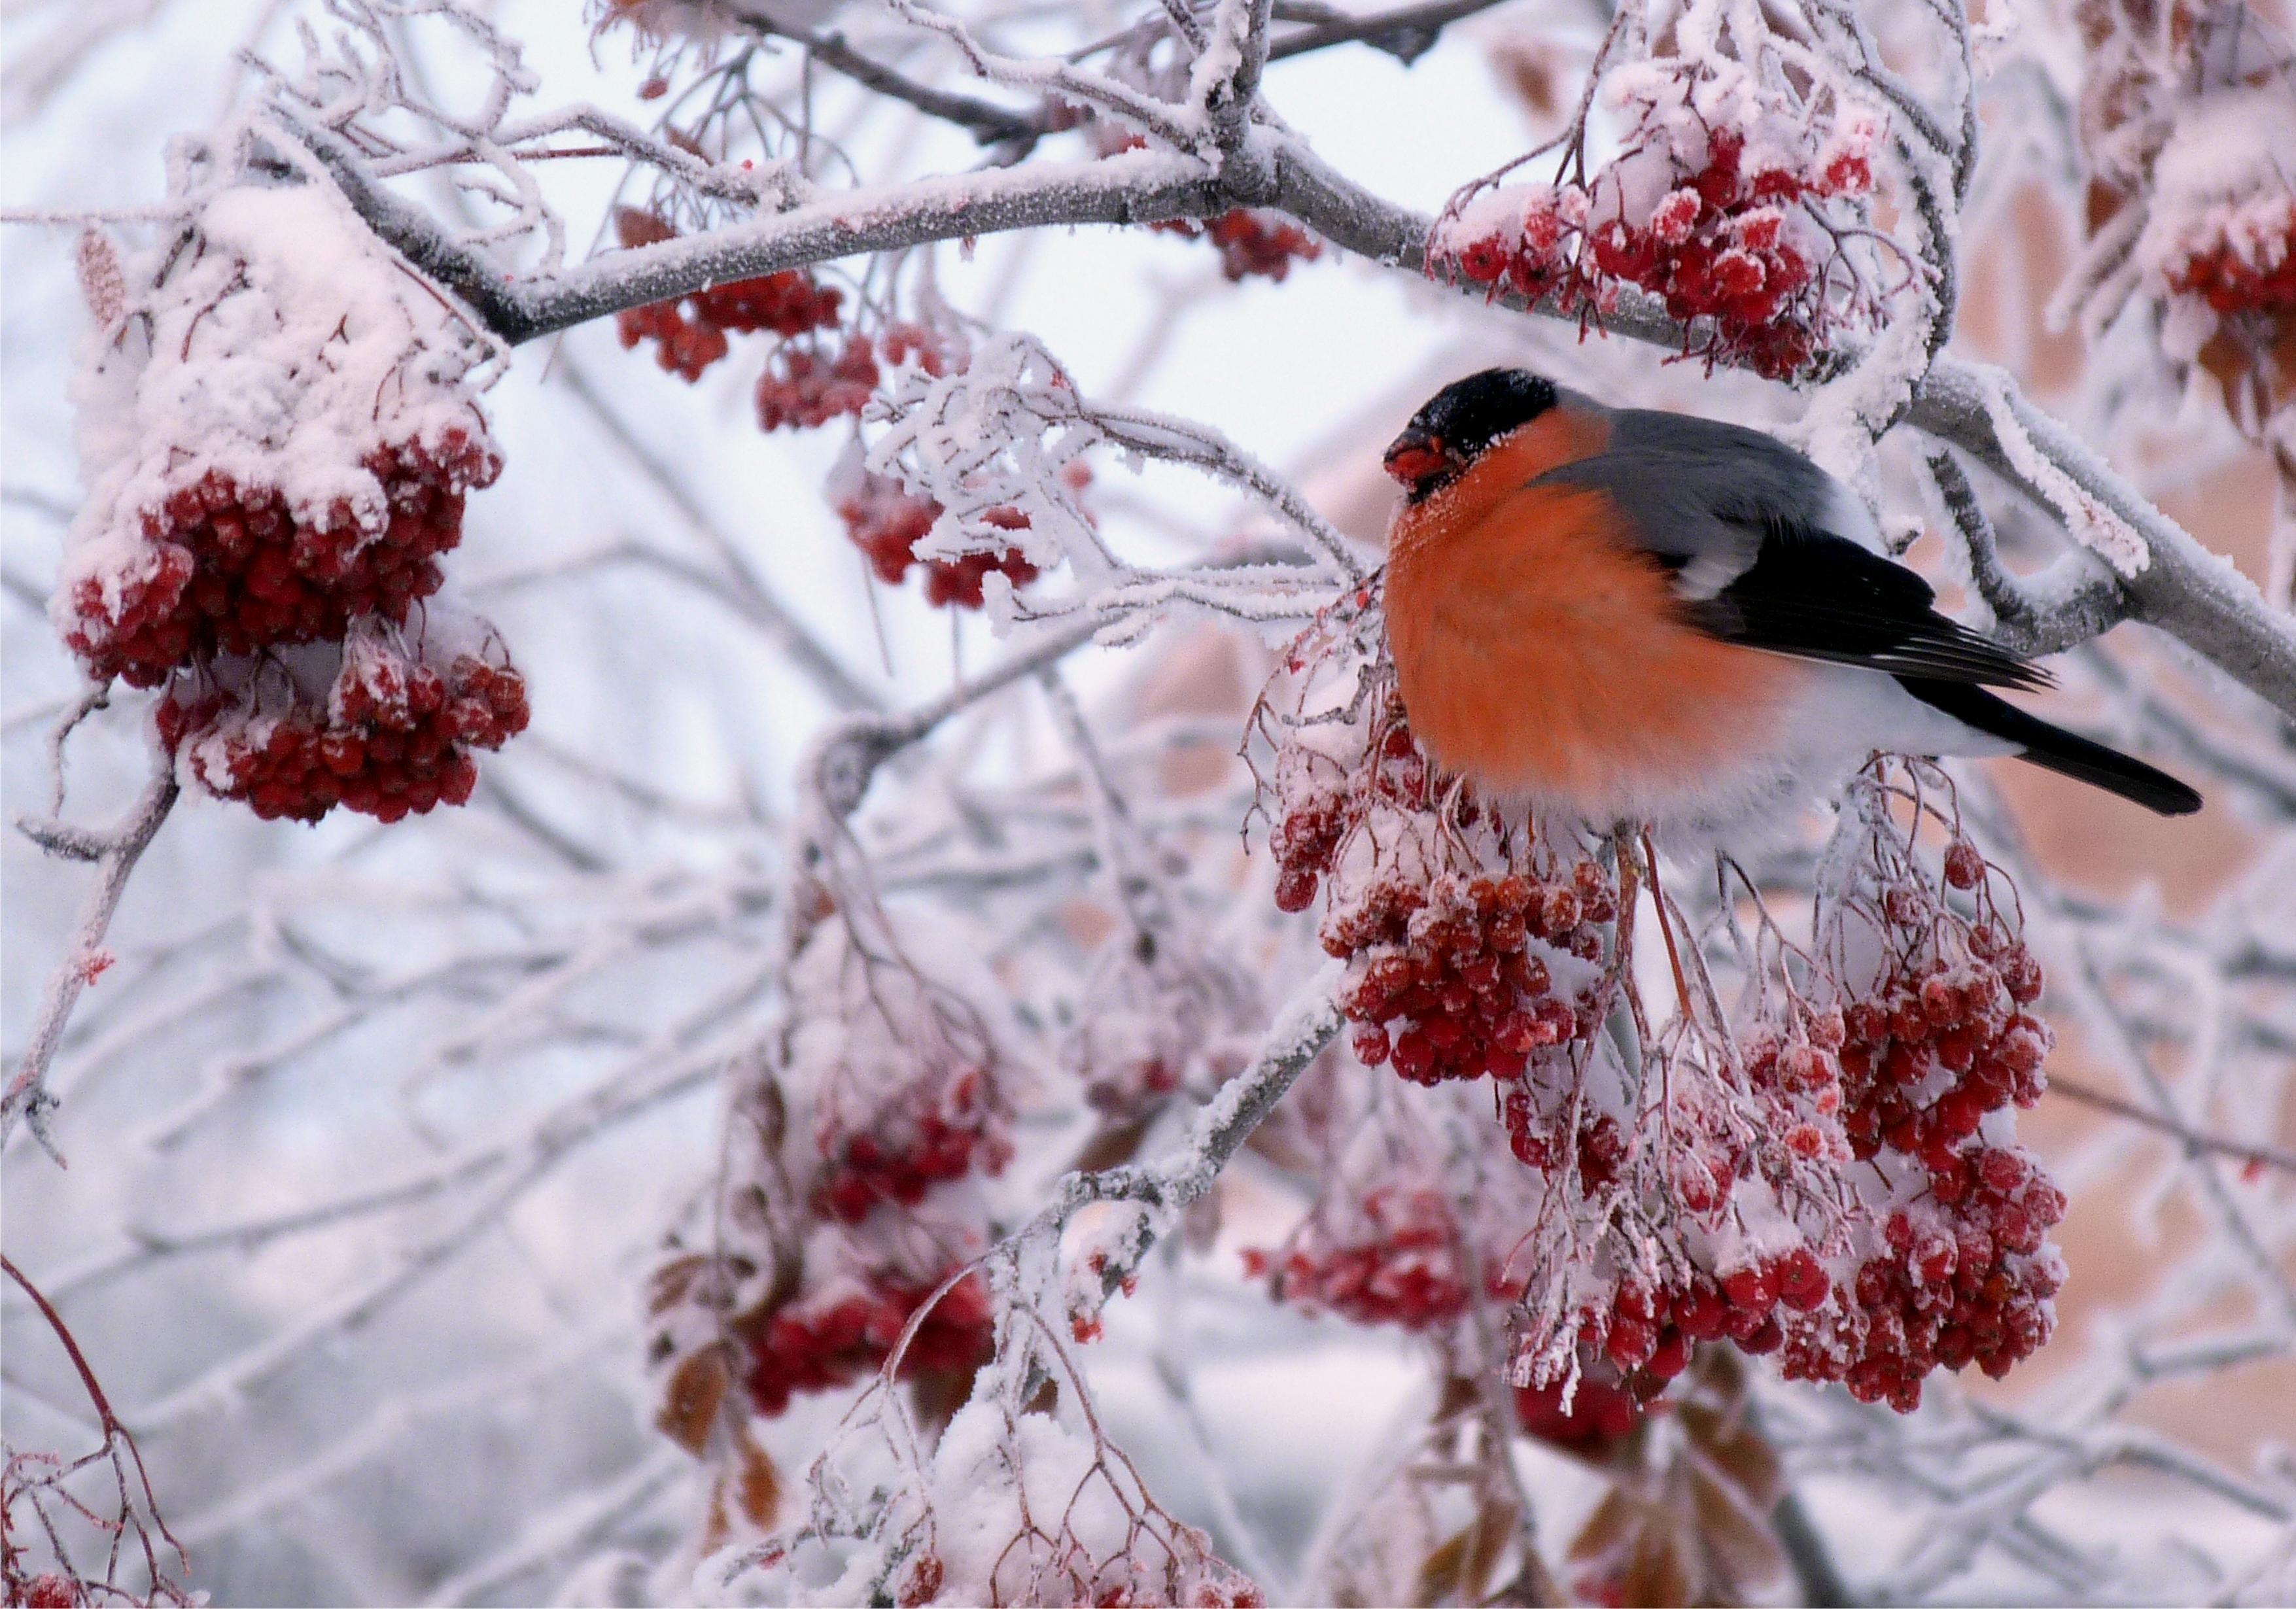 природа мороз рябина зима ветки еда ягоды  № 457172 бесплатно